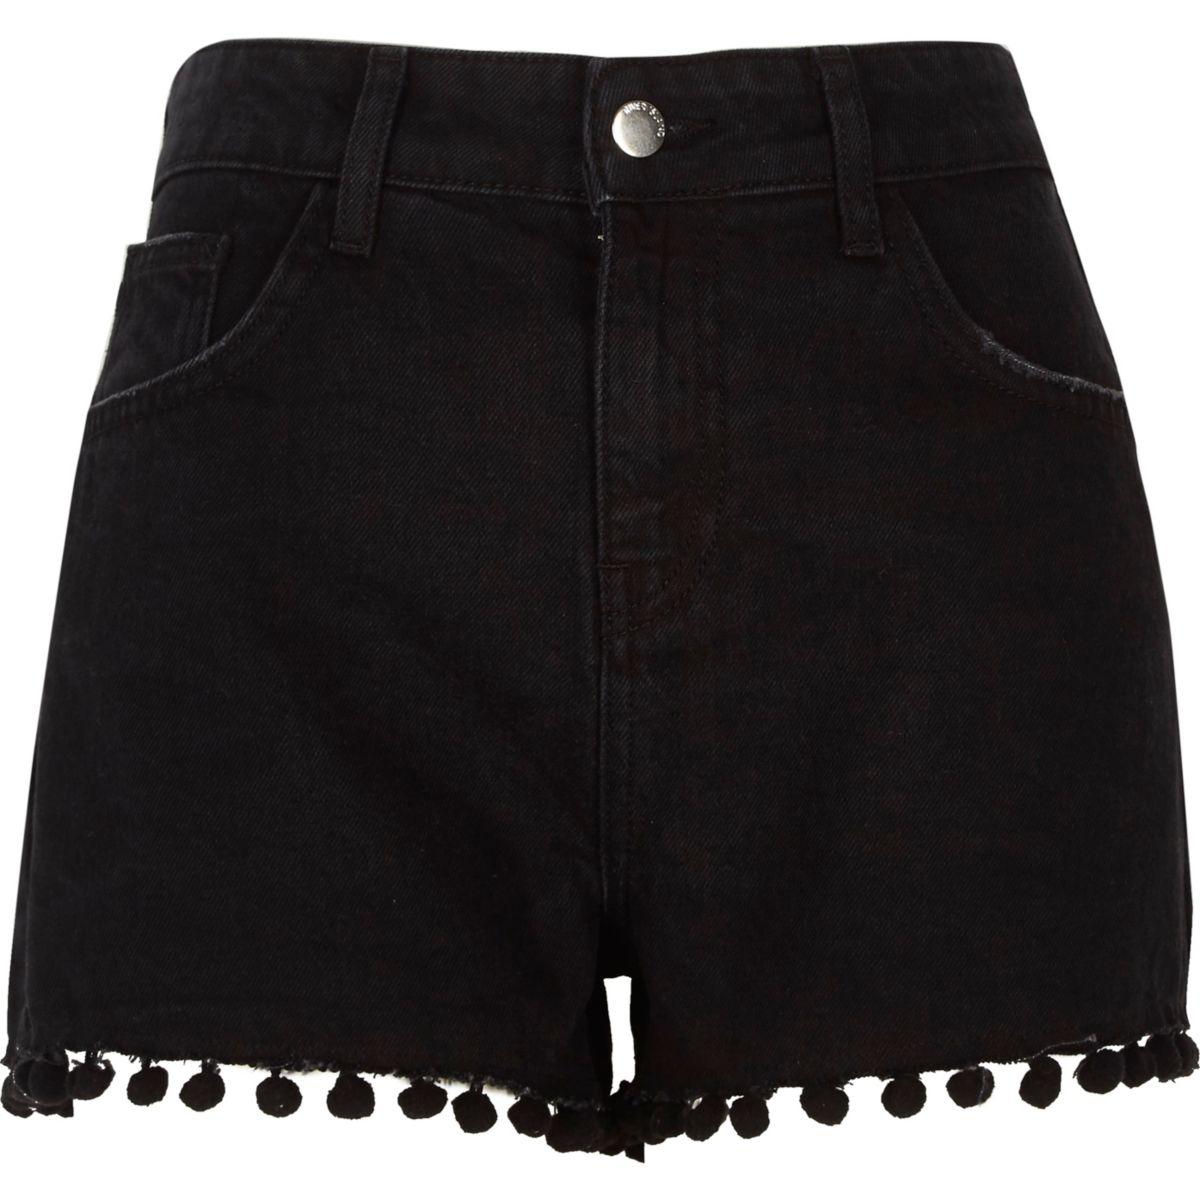 Schwarze, hochgeschnittene Jeansshorts mit Pompons